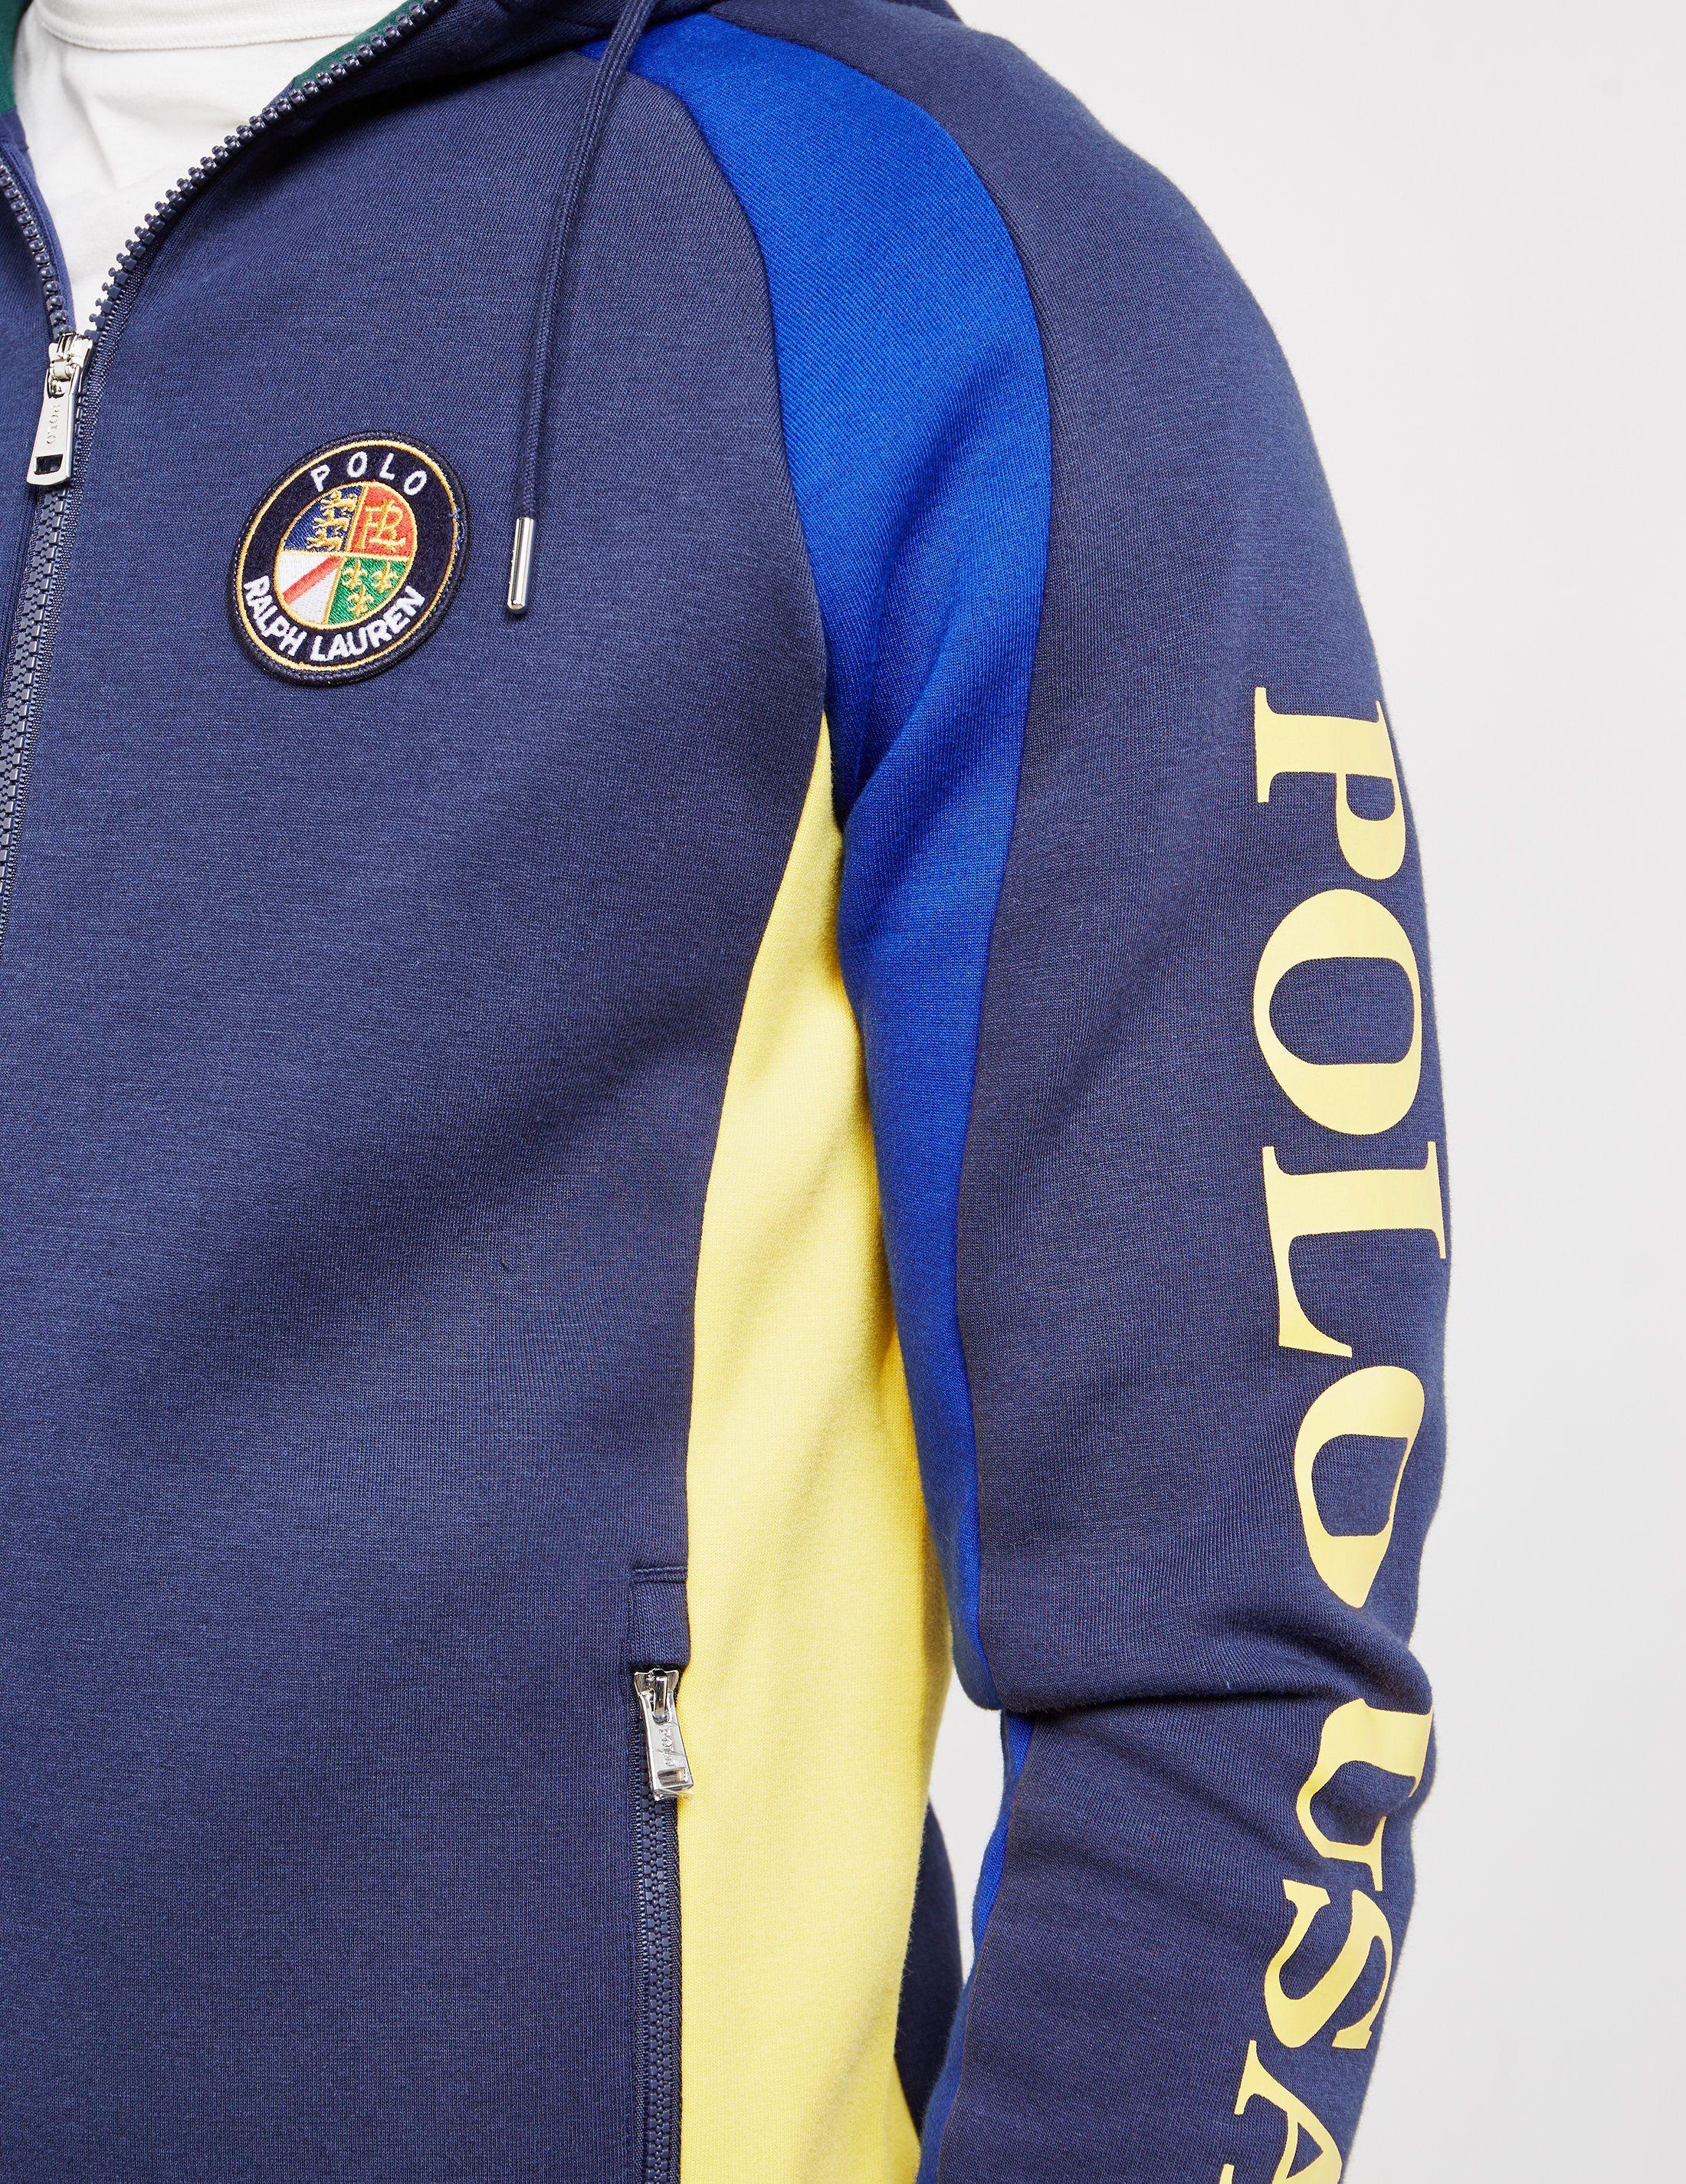 Polo Ralph Lauren Colour Block Zip USA Hoodie - Online Exclusive